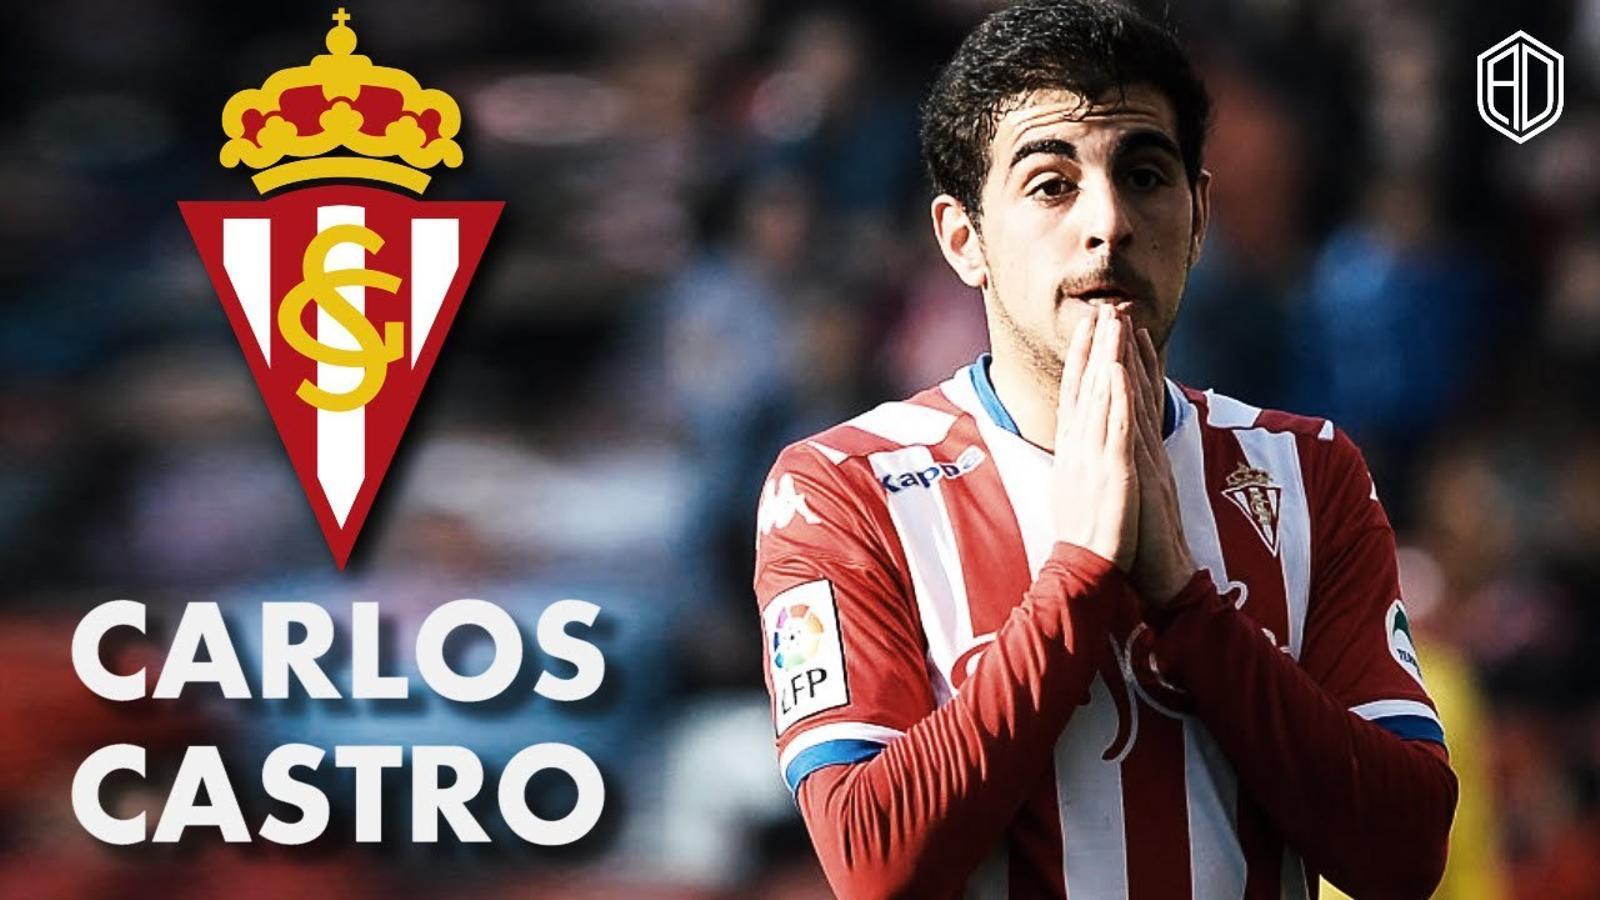 El davanter Carlos Castro canvia 'Mareo' per Son Bibiloni